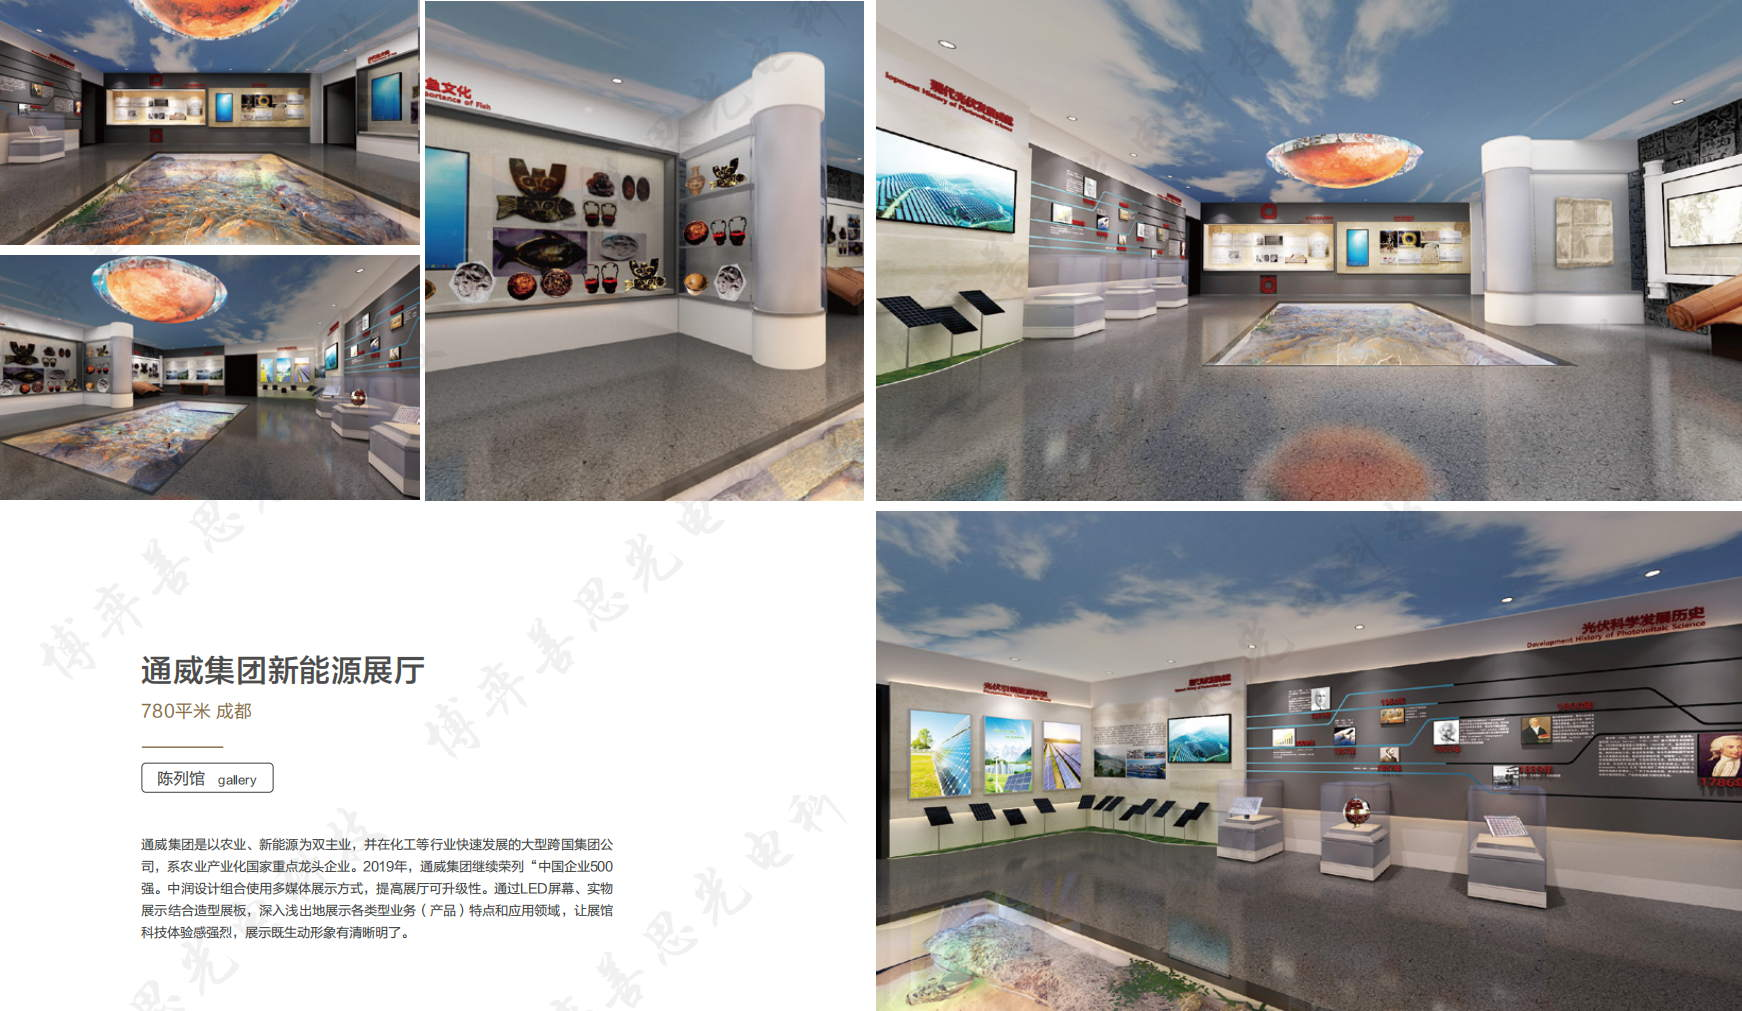 展厅设计有哪些细节?四川展厅设计给我们具体的详解?